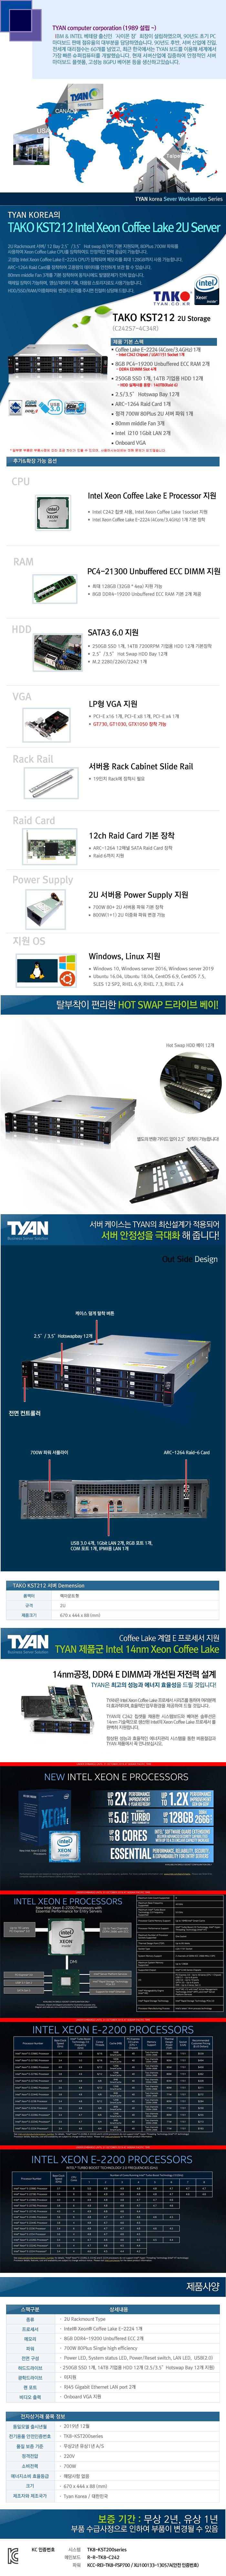 TYAN TAKO-KST212-(C242S7-4C34R) (16GB, SSD 250GB + 140TB)